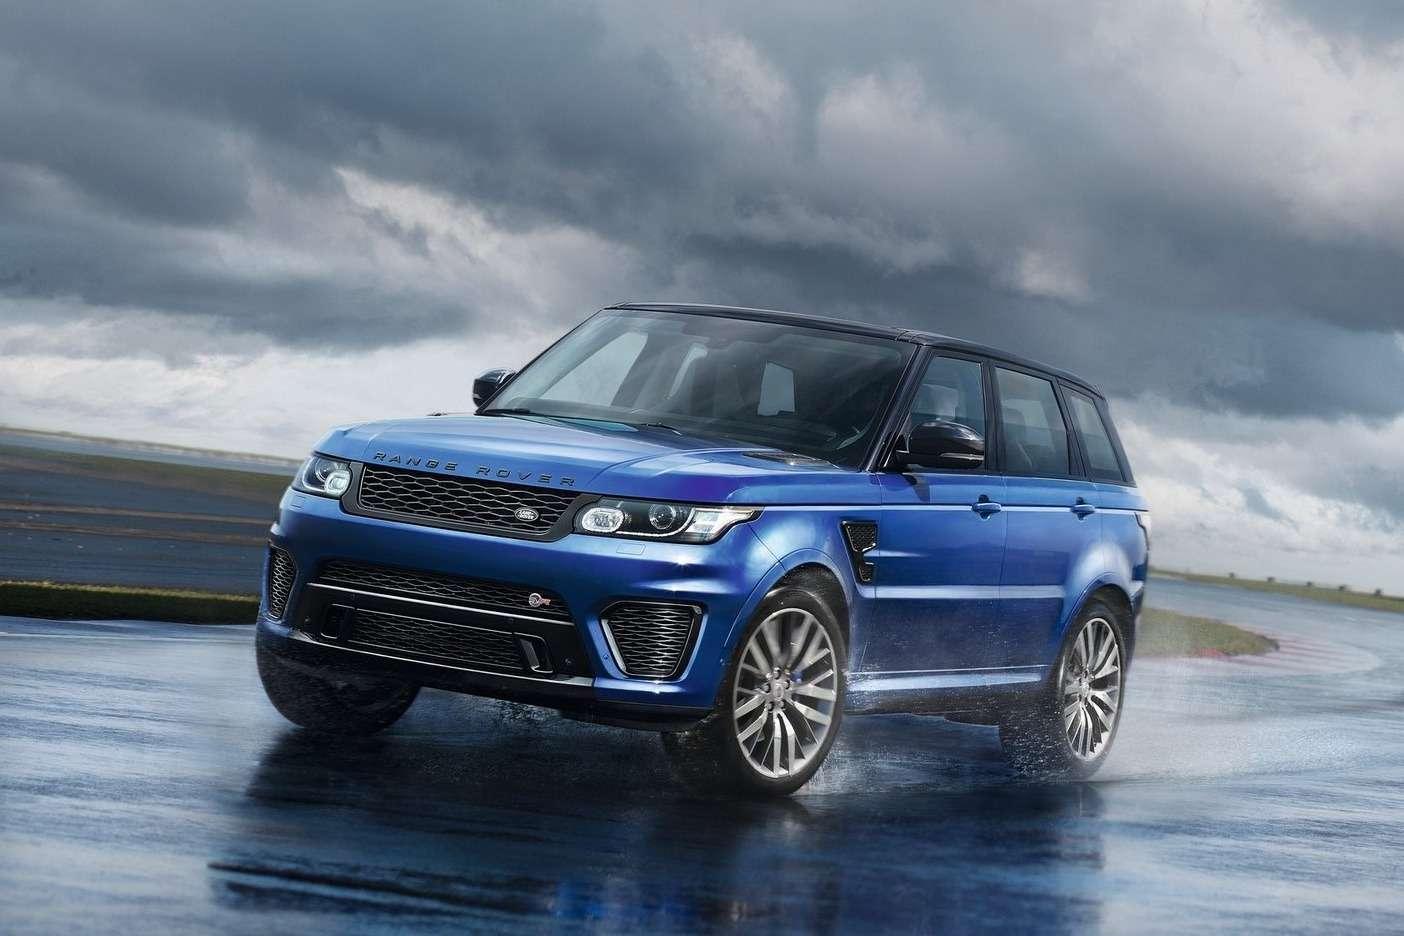 Land_Rover-Range_Rover_Sport_SVR_2015_1600x1200_wallpaper_06